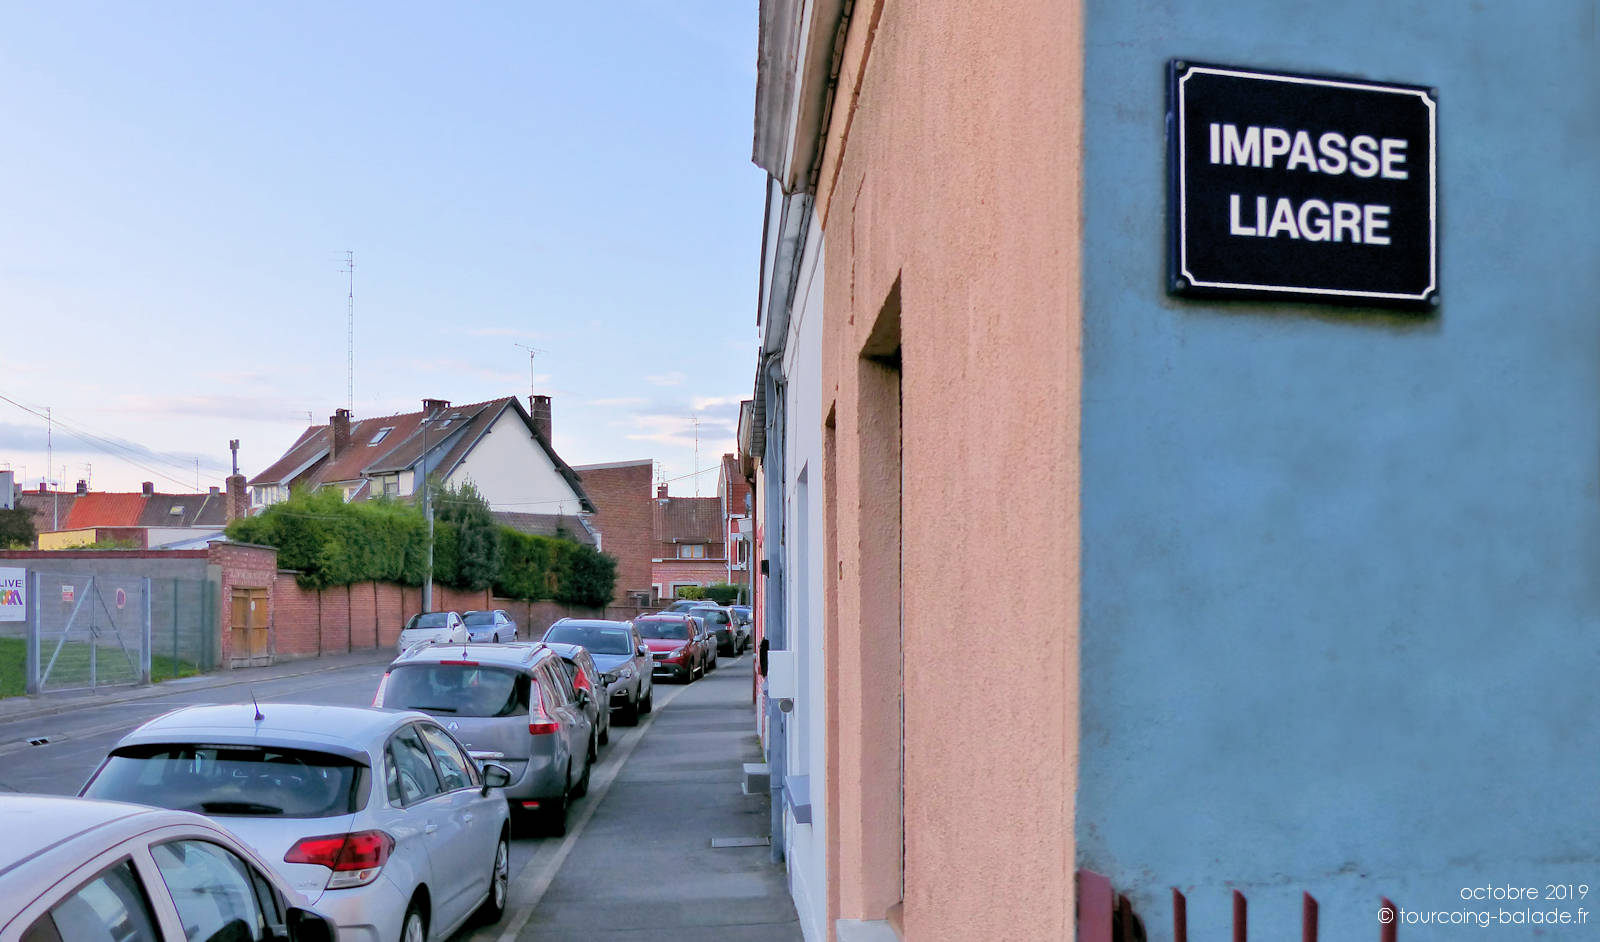 Impasse Liagre, Tourcoing - rue de la Potente.